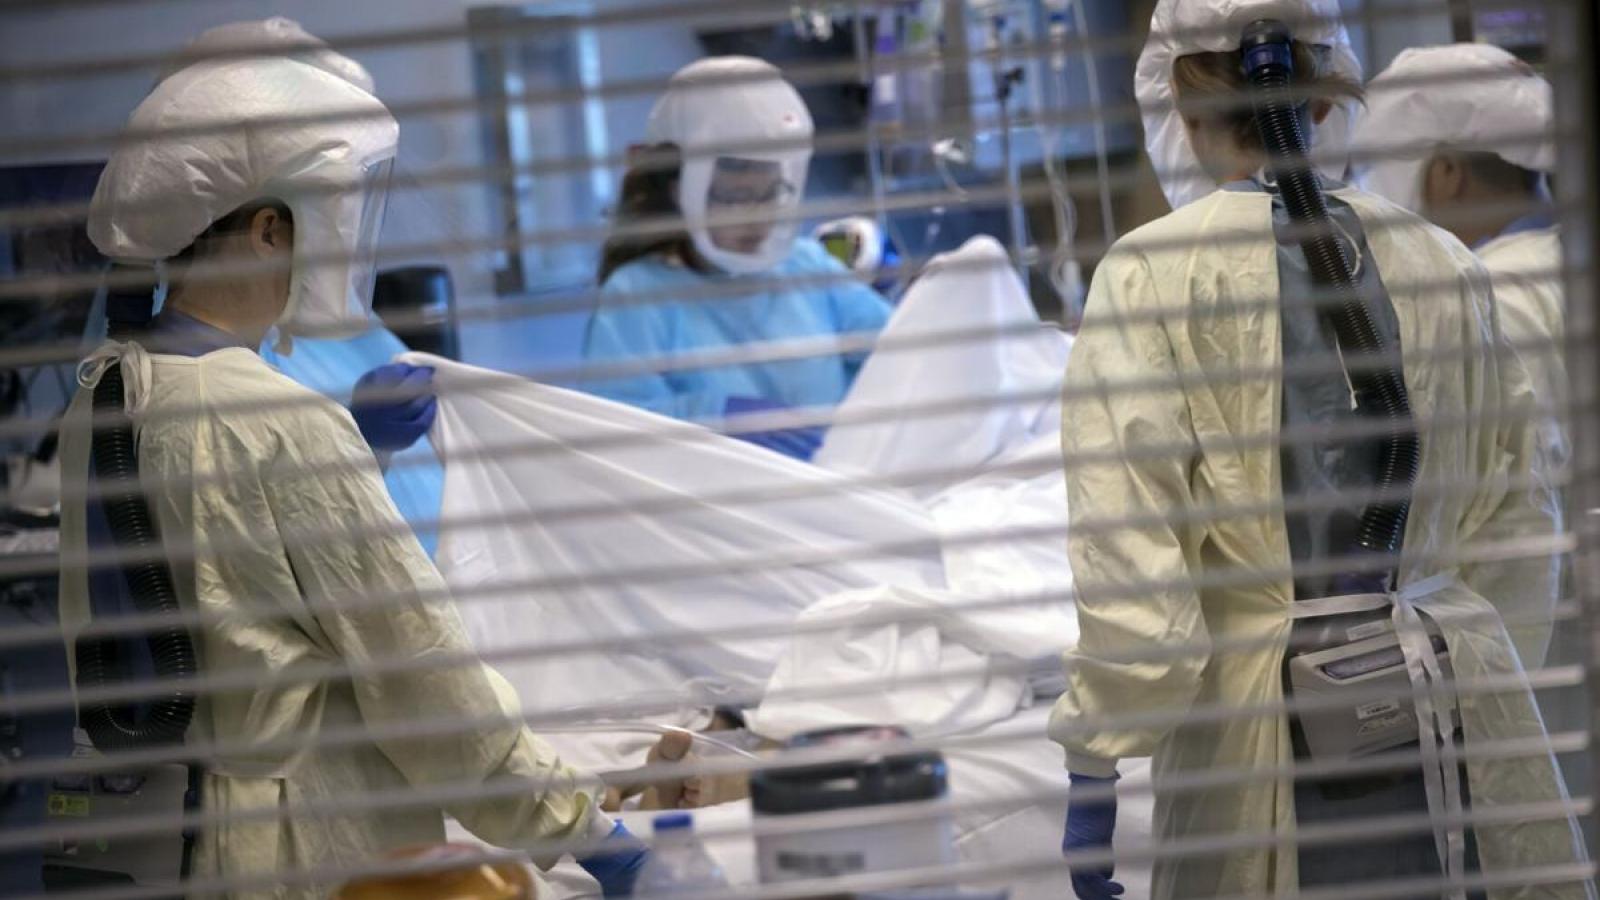 Giám đốc CDC cảnh báo người Mỹ không thể tự mãn khi số ca mắc mới Covid-19 giảm